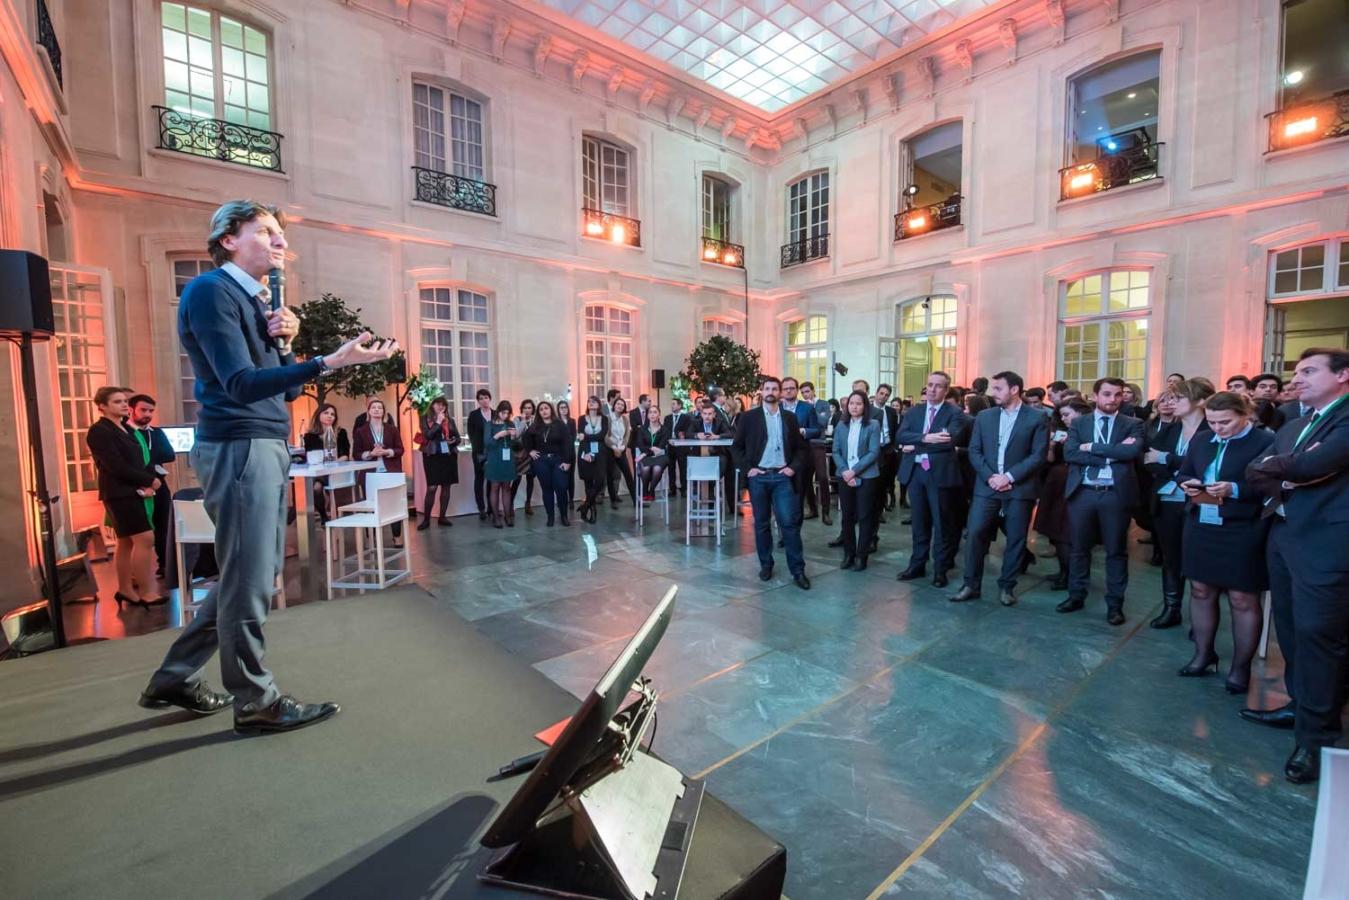 Reportage photographique évènementiel, réalisé en commande pour BNP Parisbas, à l'occasion de la soirée des ambassadeurs